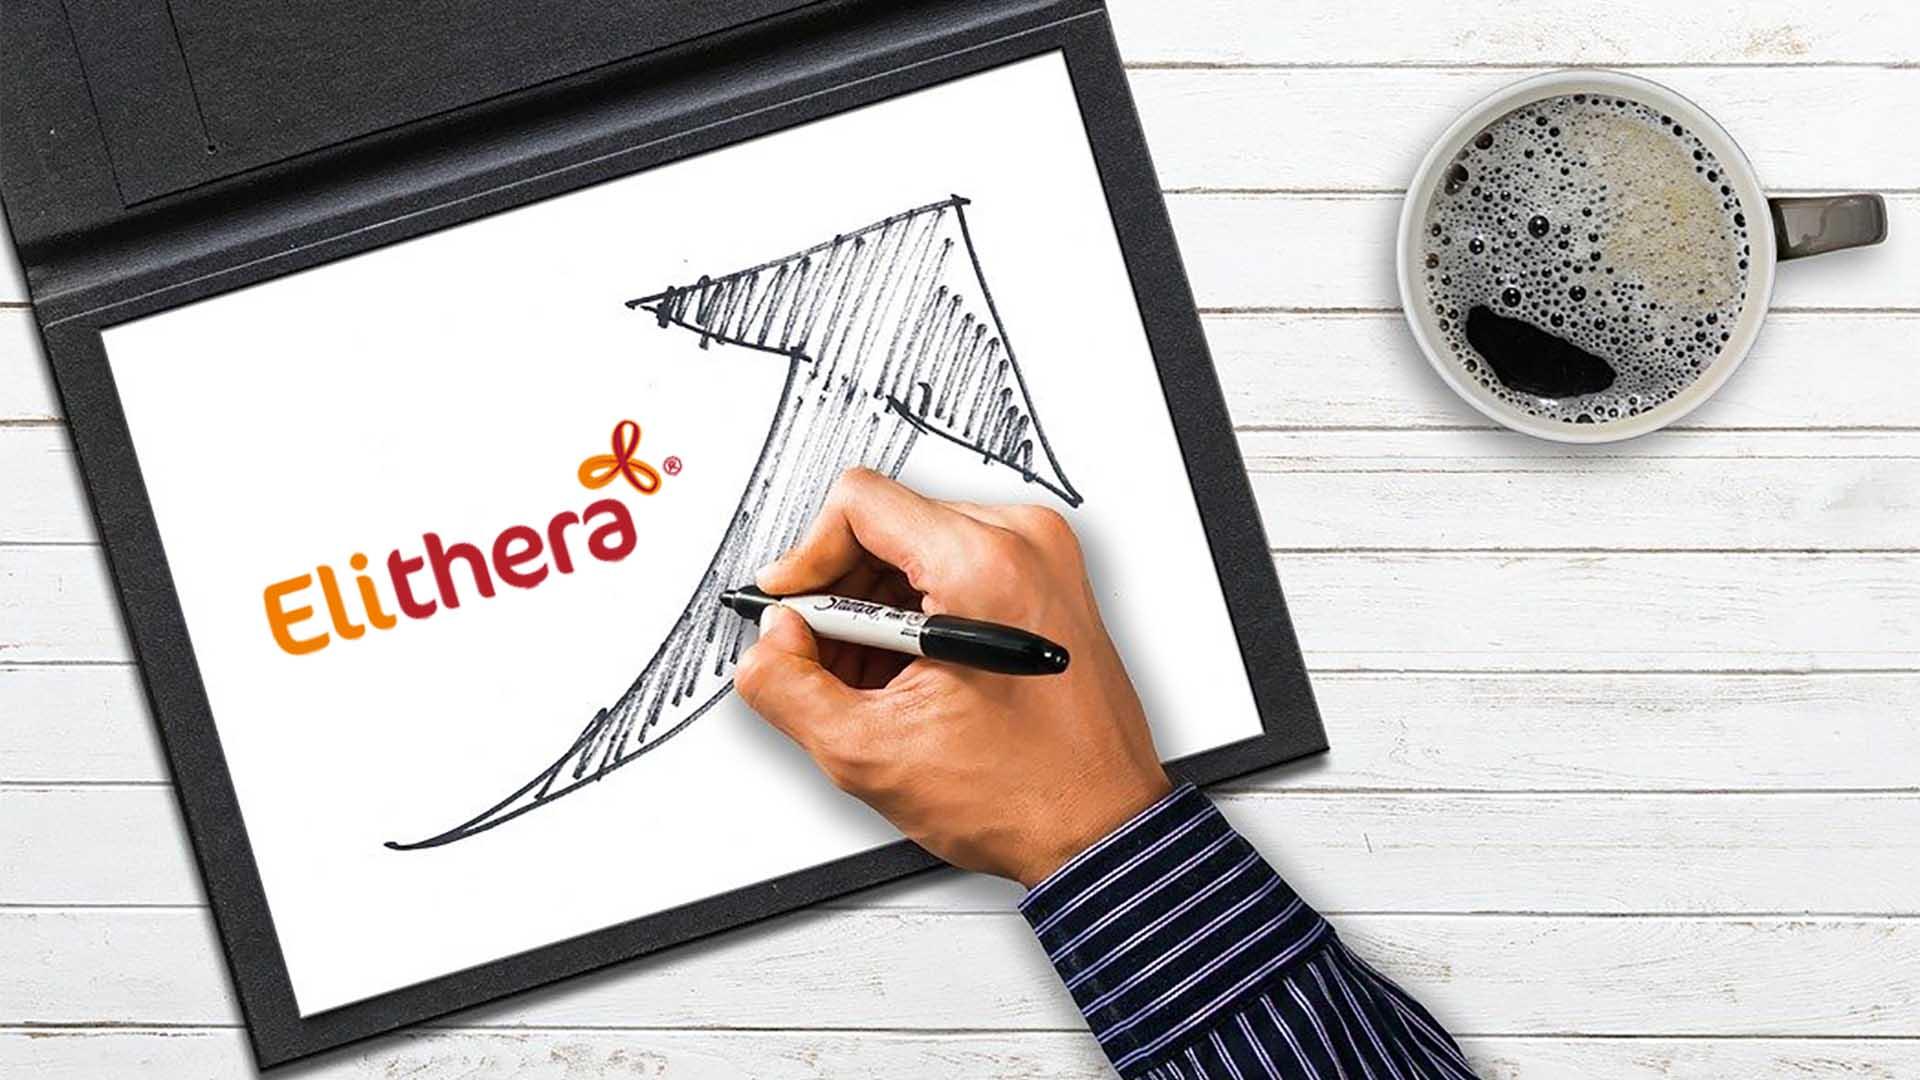 Elithera im Aufwärtstrend